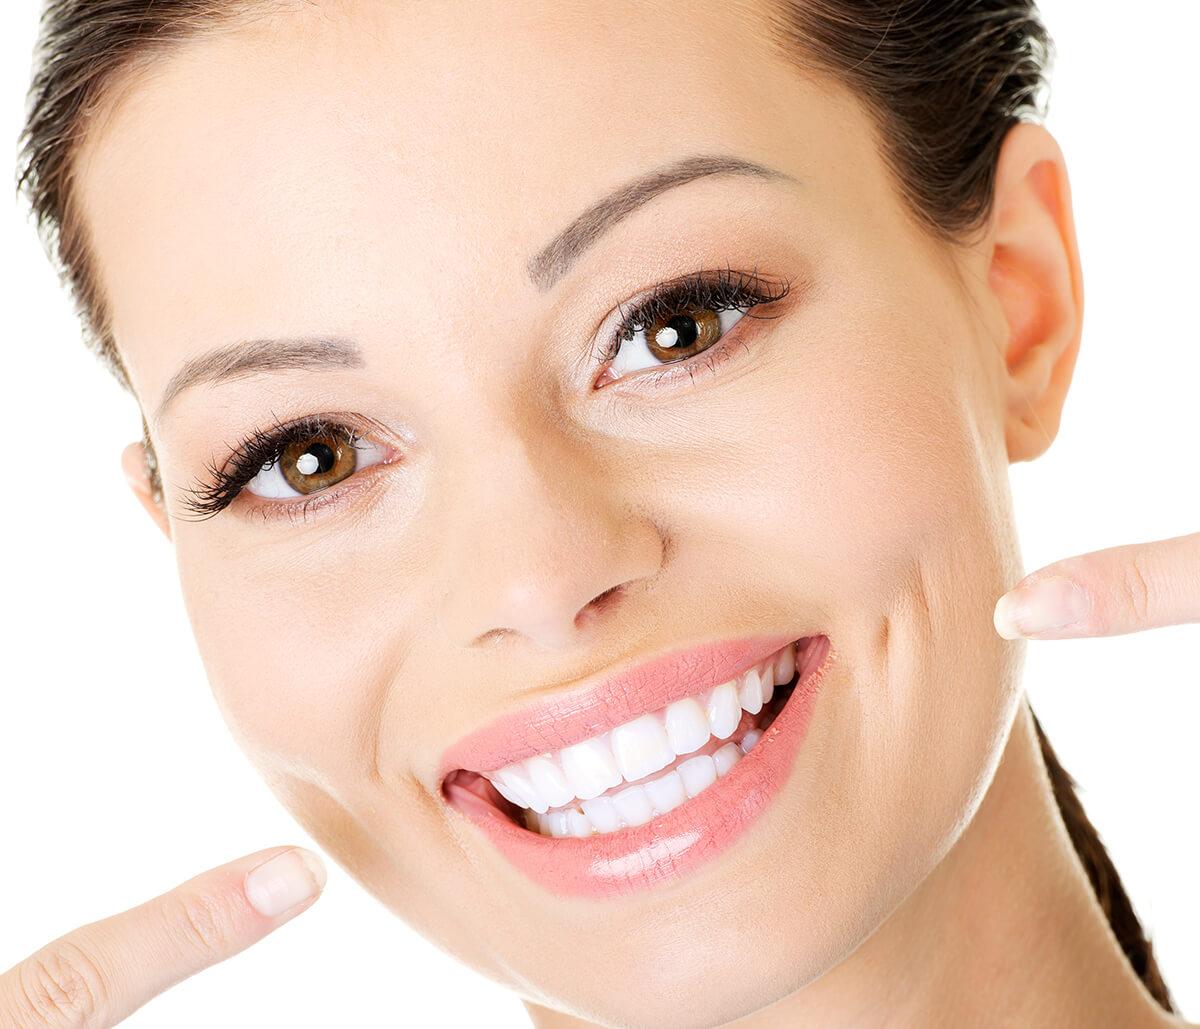 Cosmetic Dentist Office in Yadkinville Area